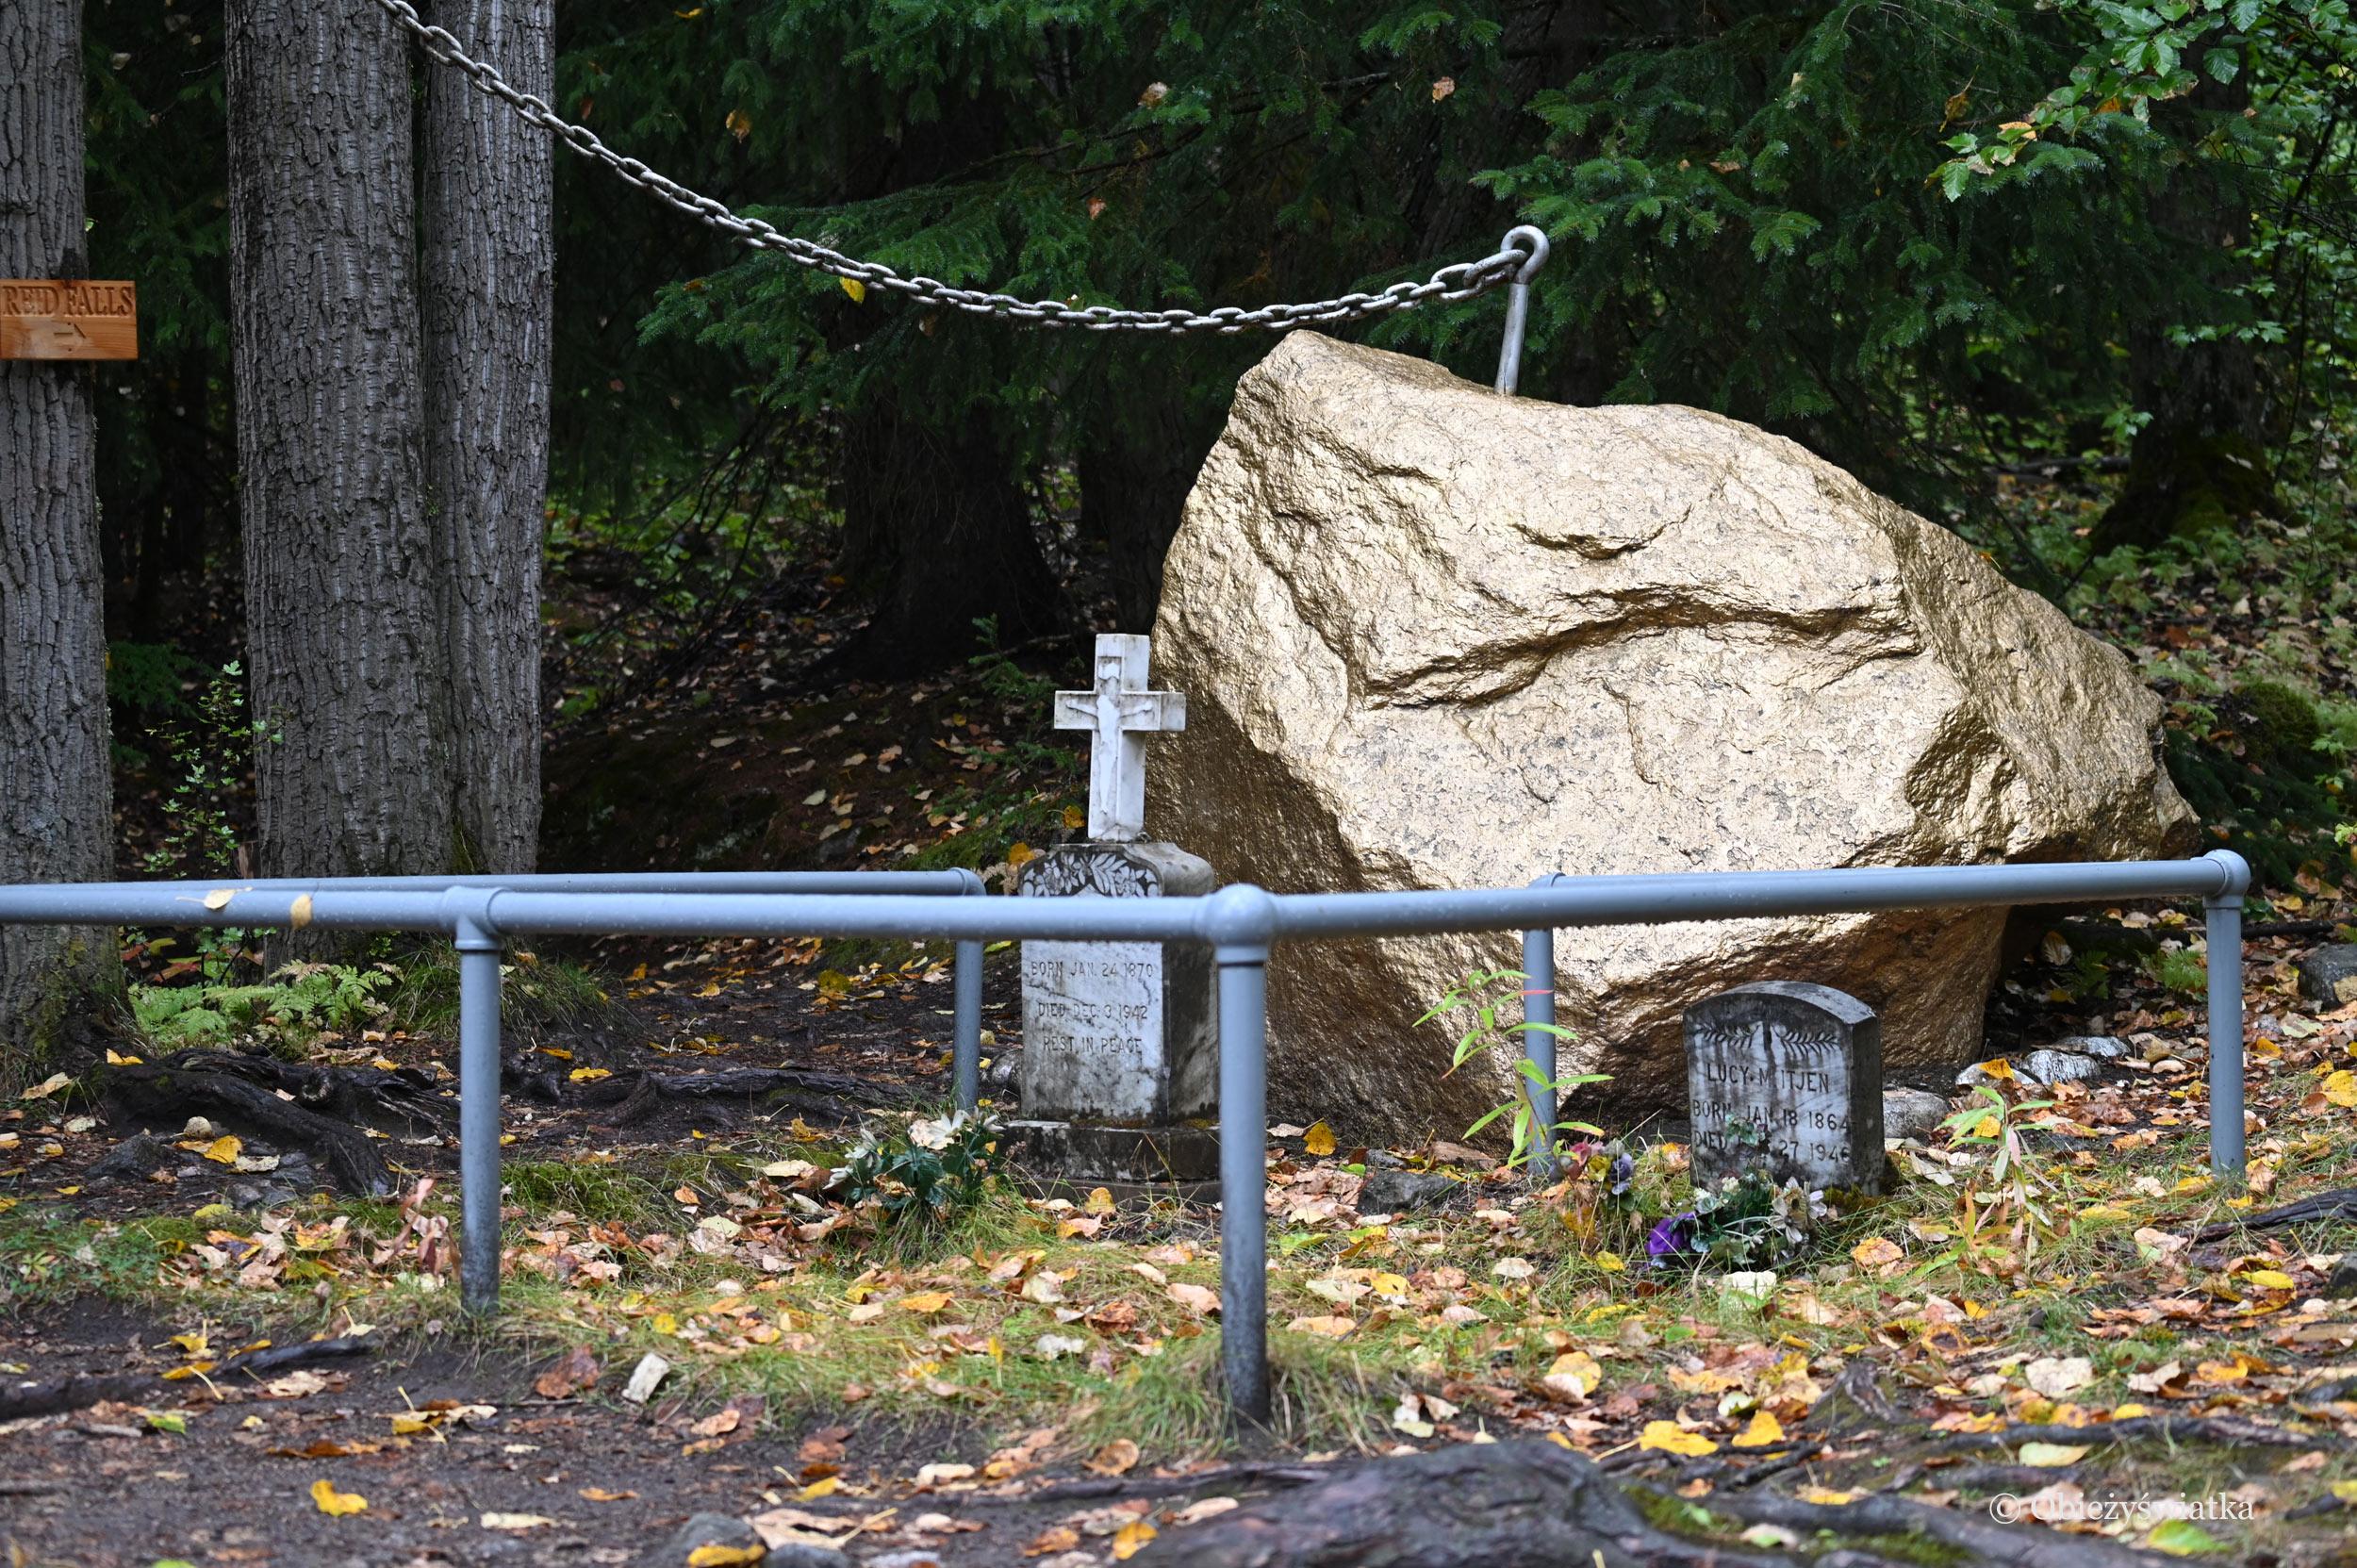 Grób Martina Itjena, który pełnił w Skagway wiele różnych funkcji i troszczył się o historię miasteczka, Cmentarz Poszukiwaczy Złota, Skagway, Alaska